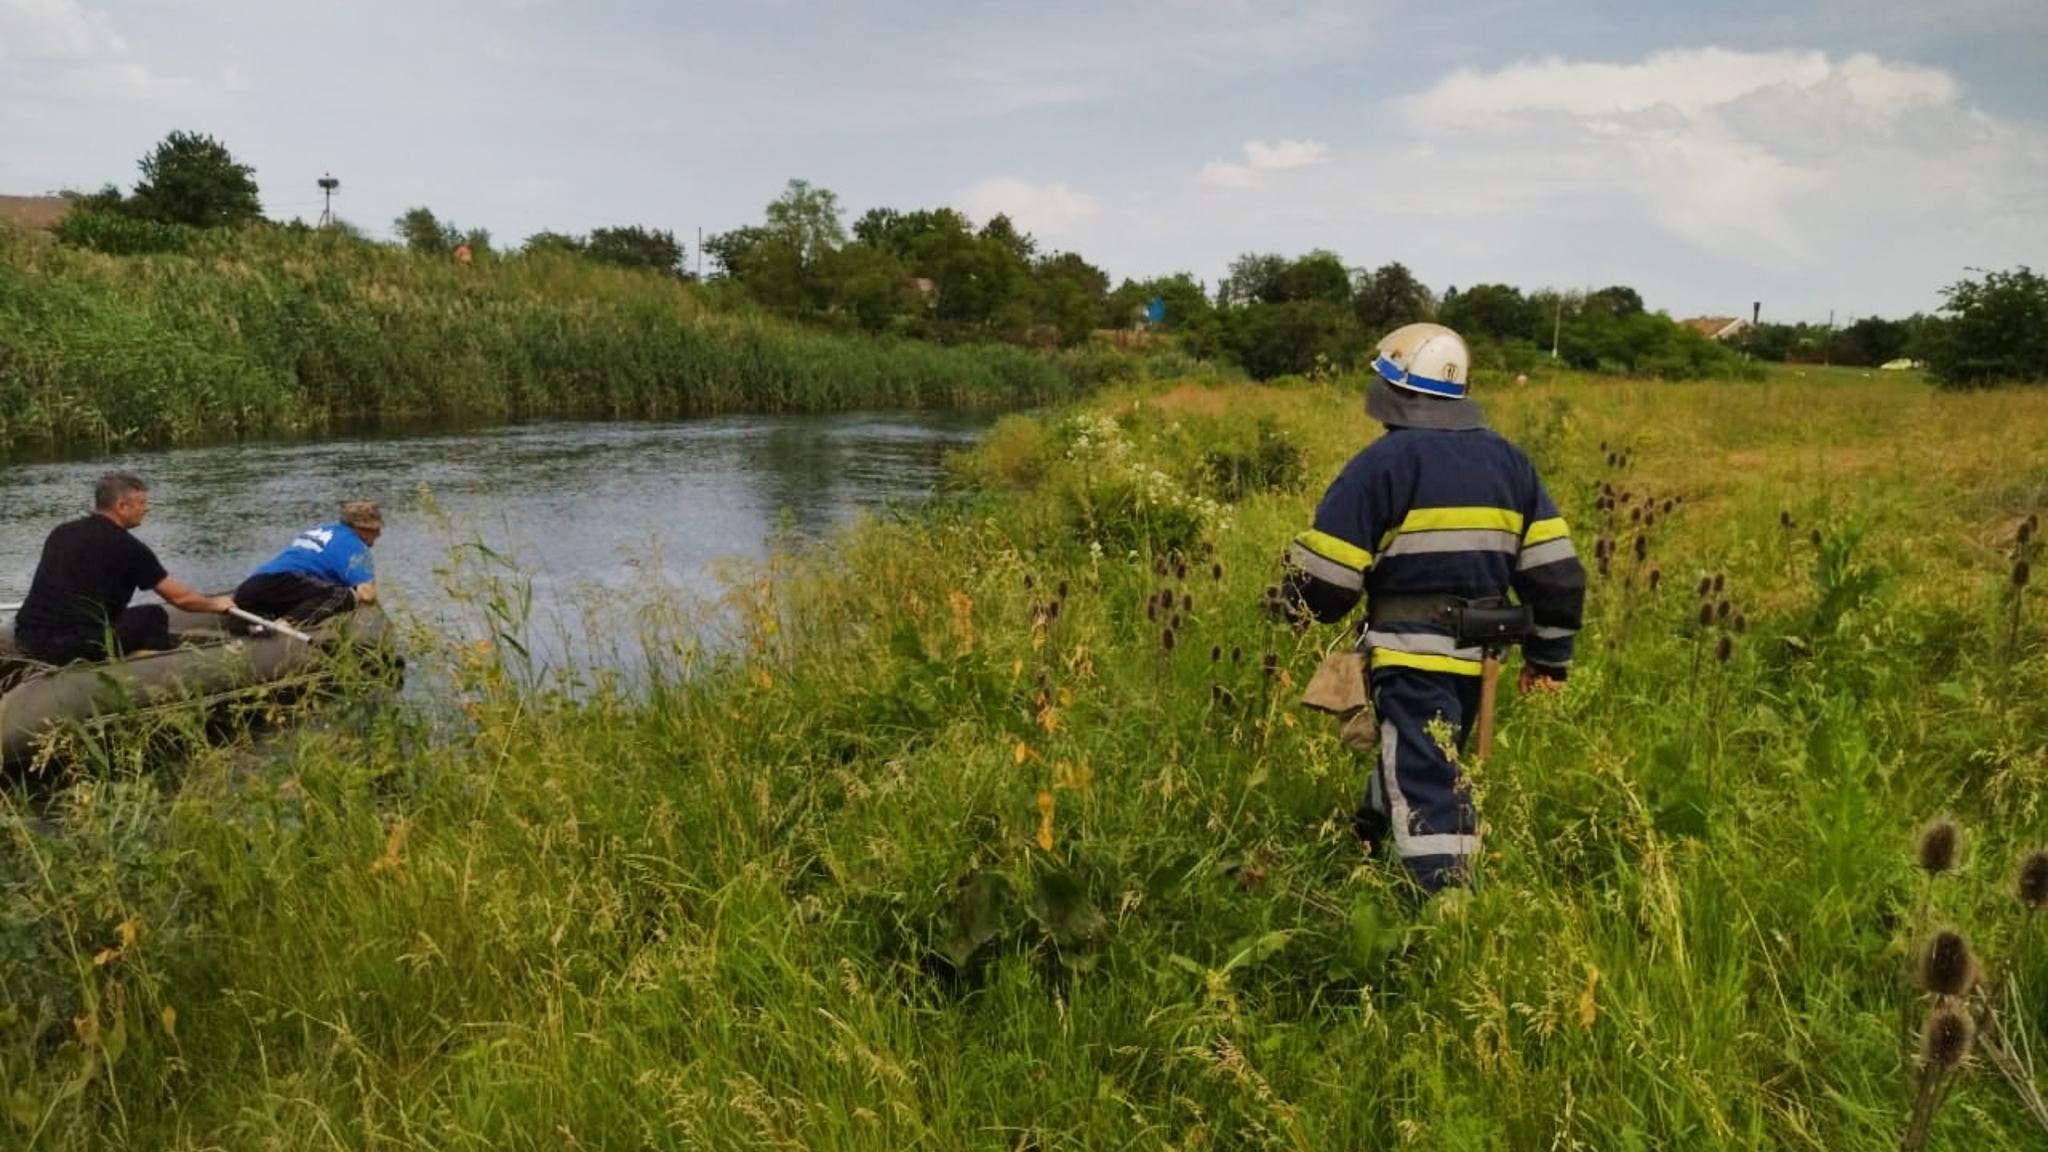 Потонув Хлопчик на Дніпропетровщині пішов купатися та потонув пошуки ДСНС